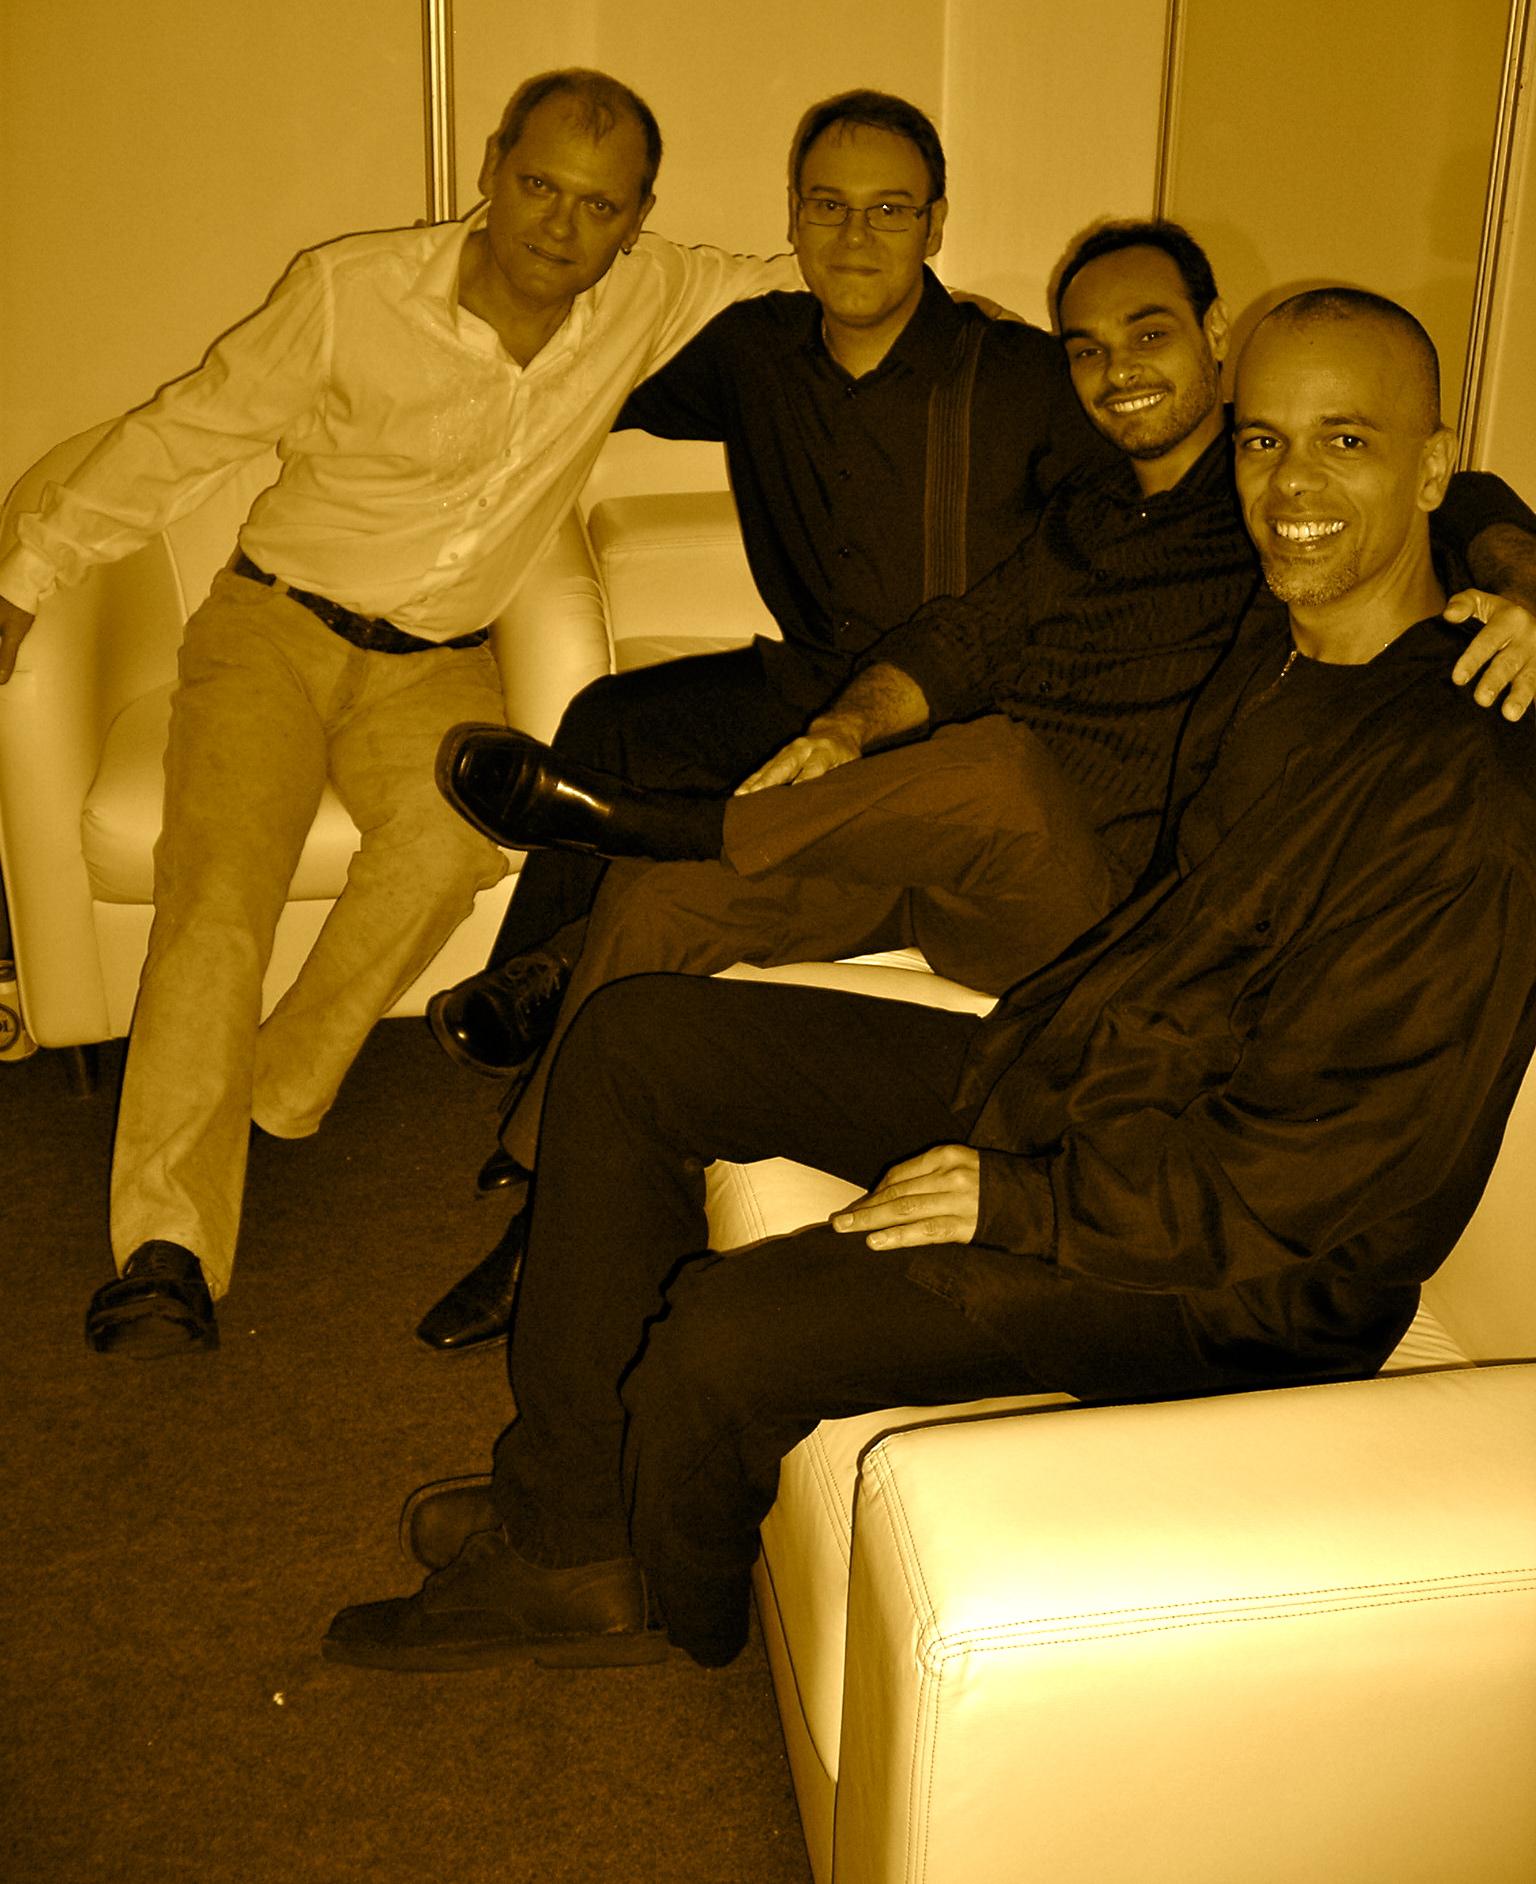 Banda Zizi Possi reunida no camarim. Show em Vitória. (2006)